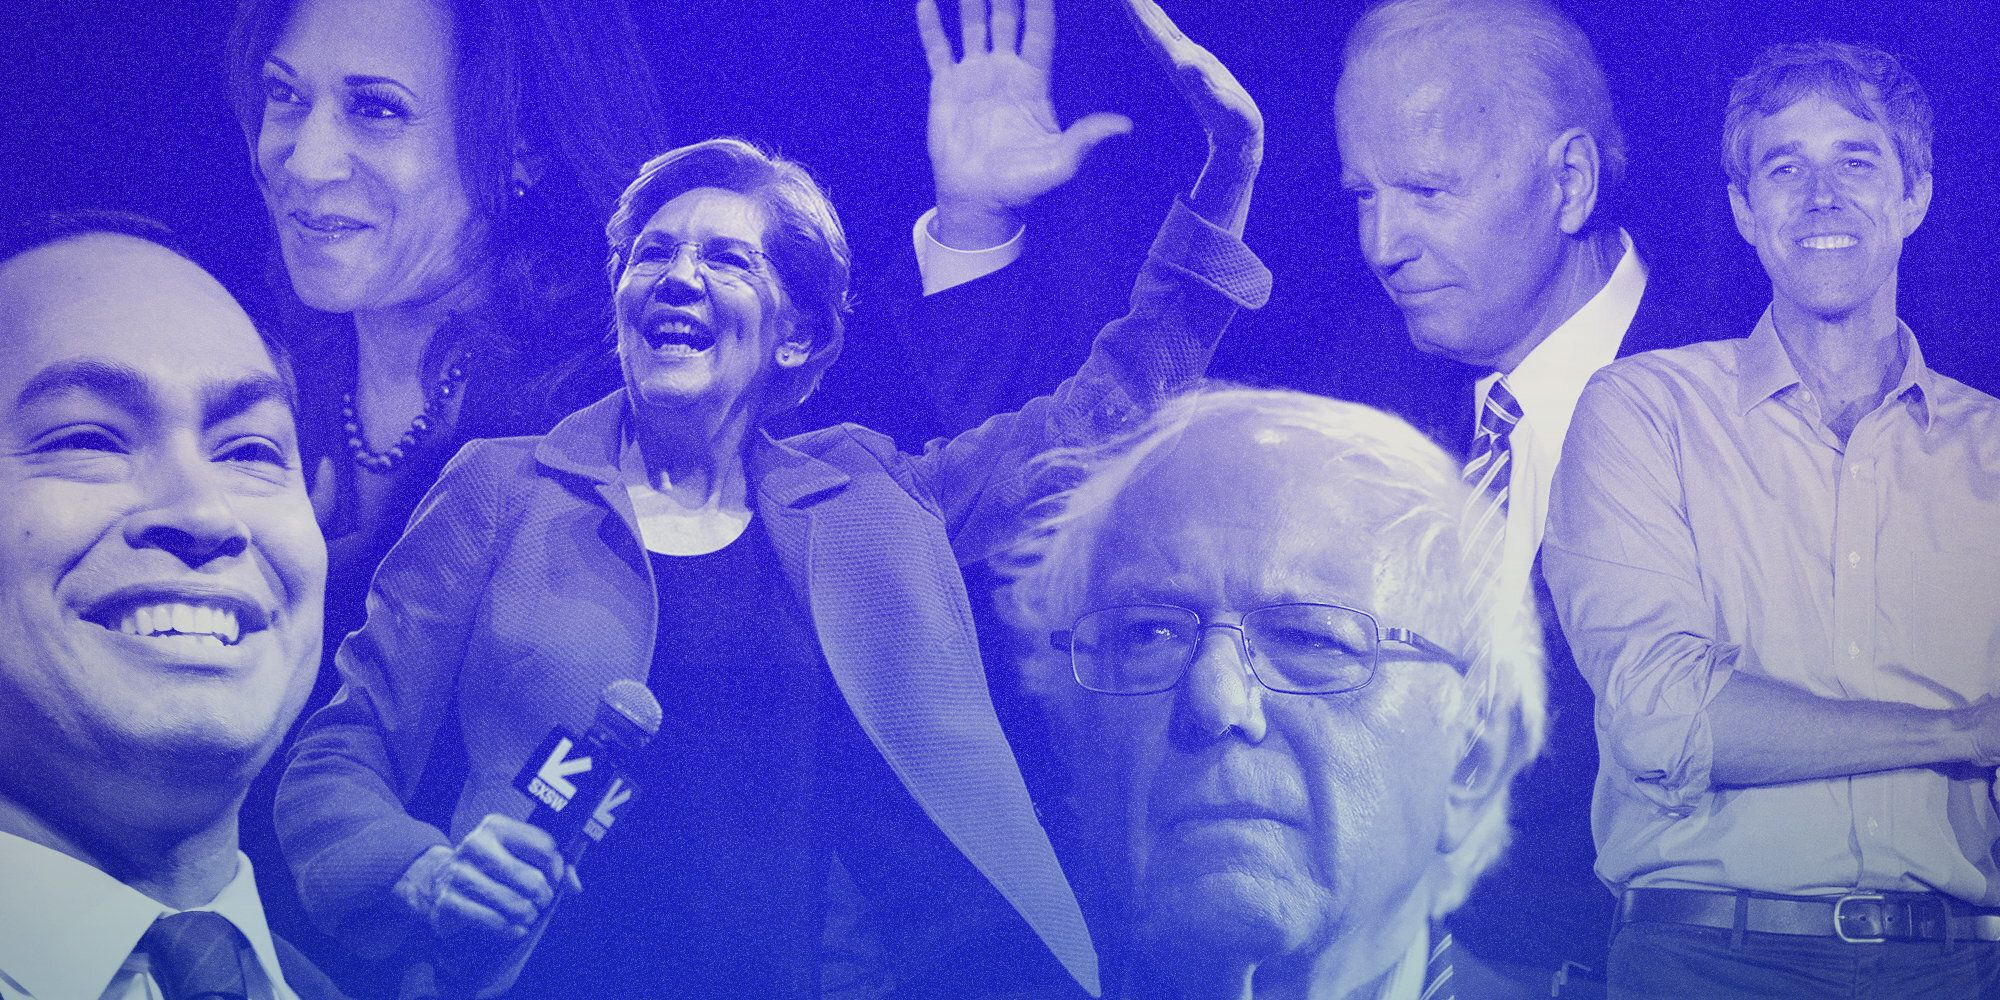 민주당 2020년 대선후보의 자격 : 트럼프를 꺾을 자,